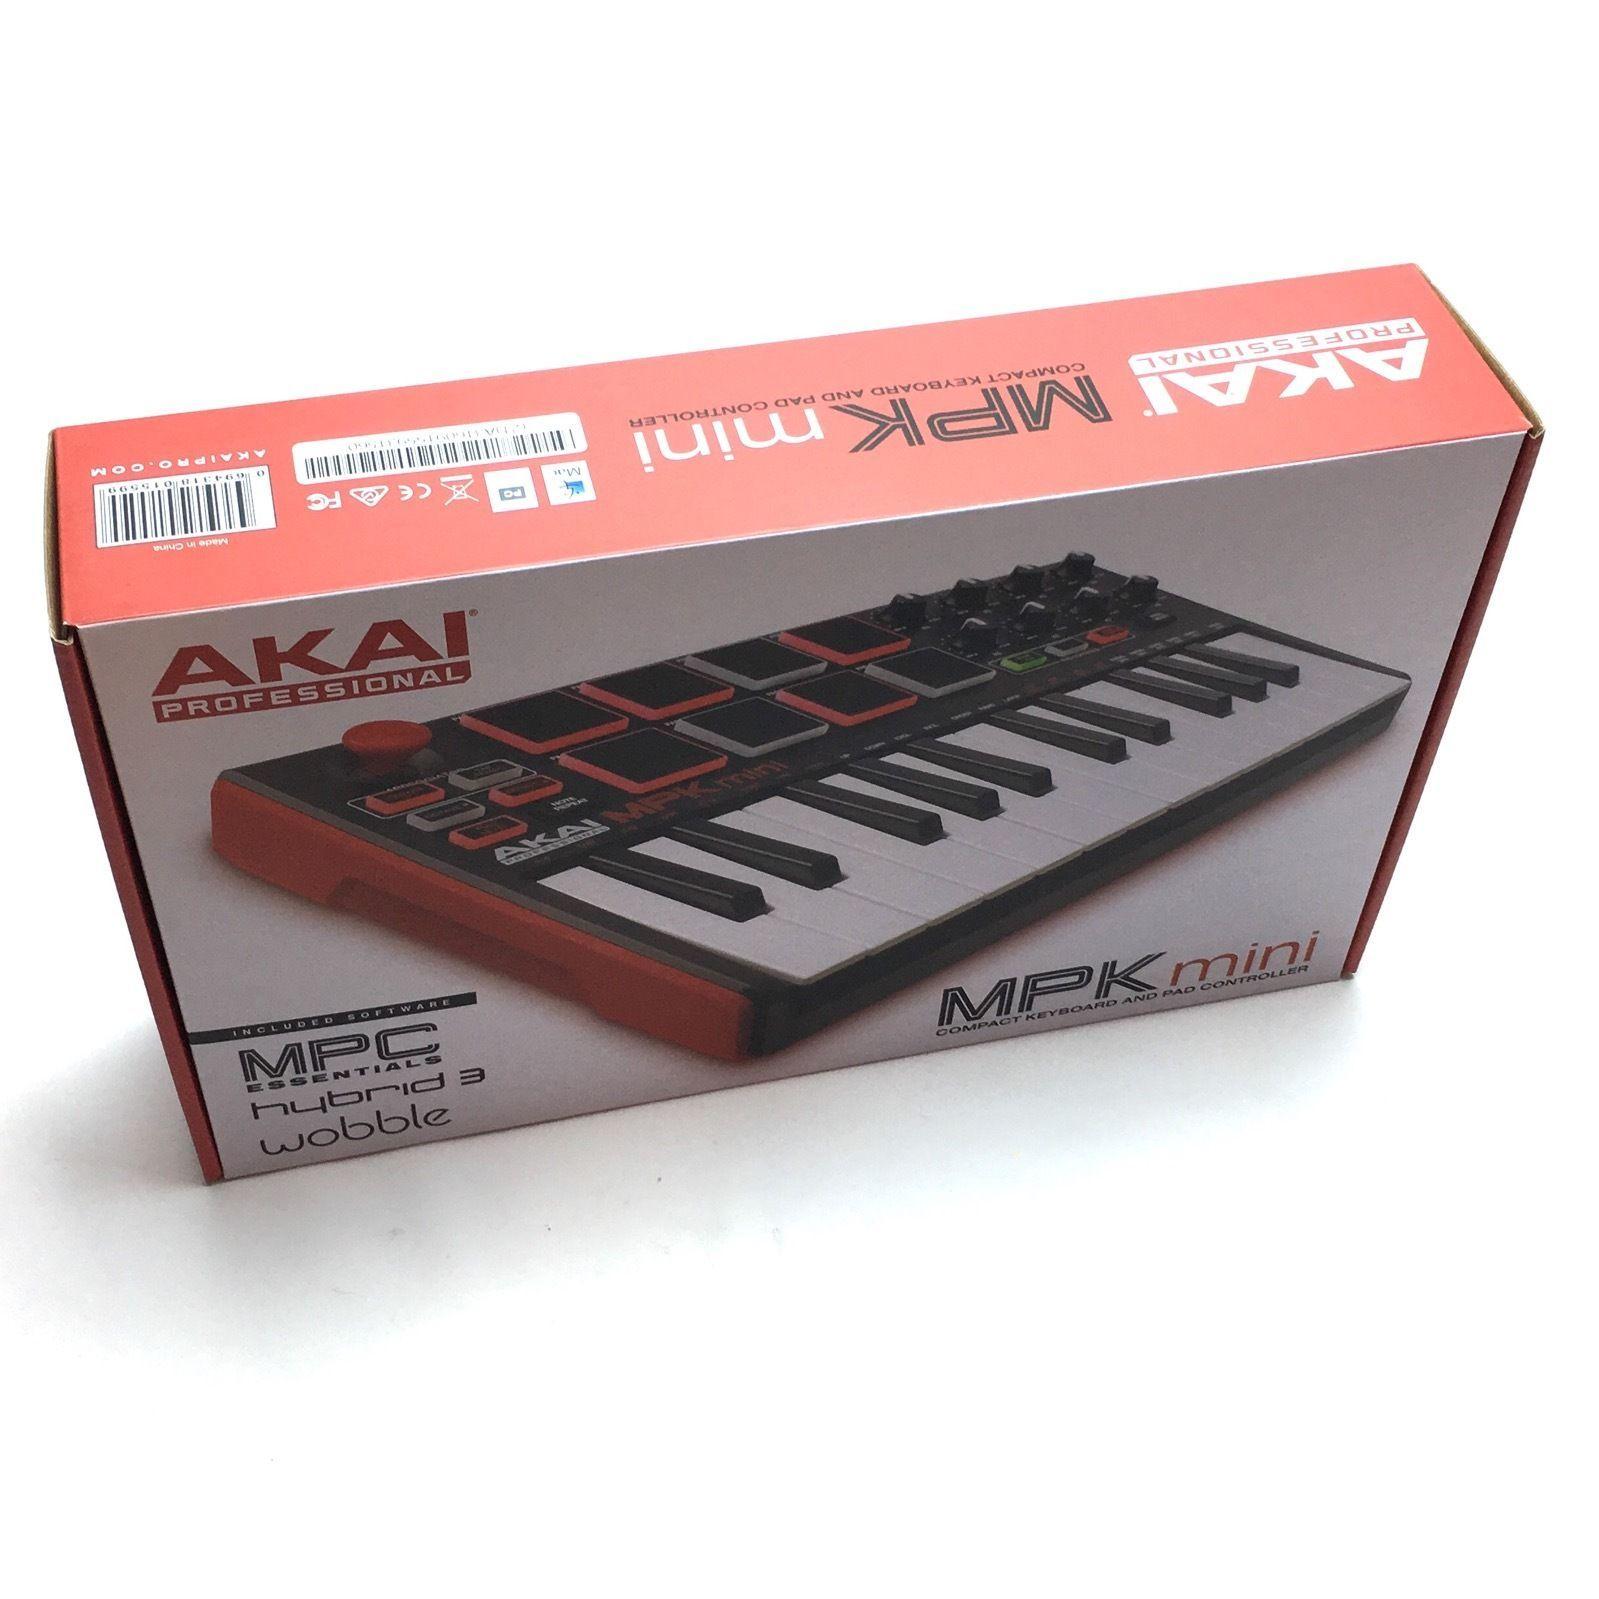 Midi Keyboard Controller Akai Professional Piano Organ USB